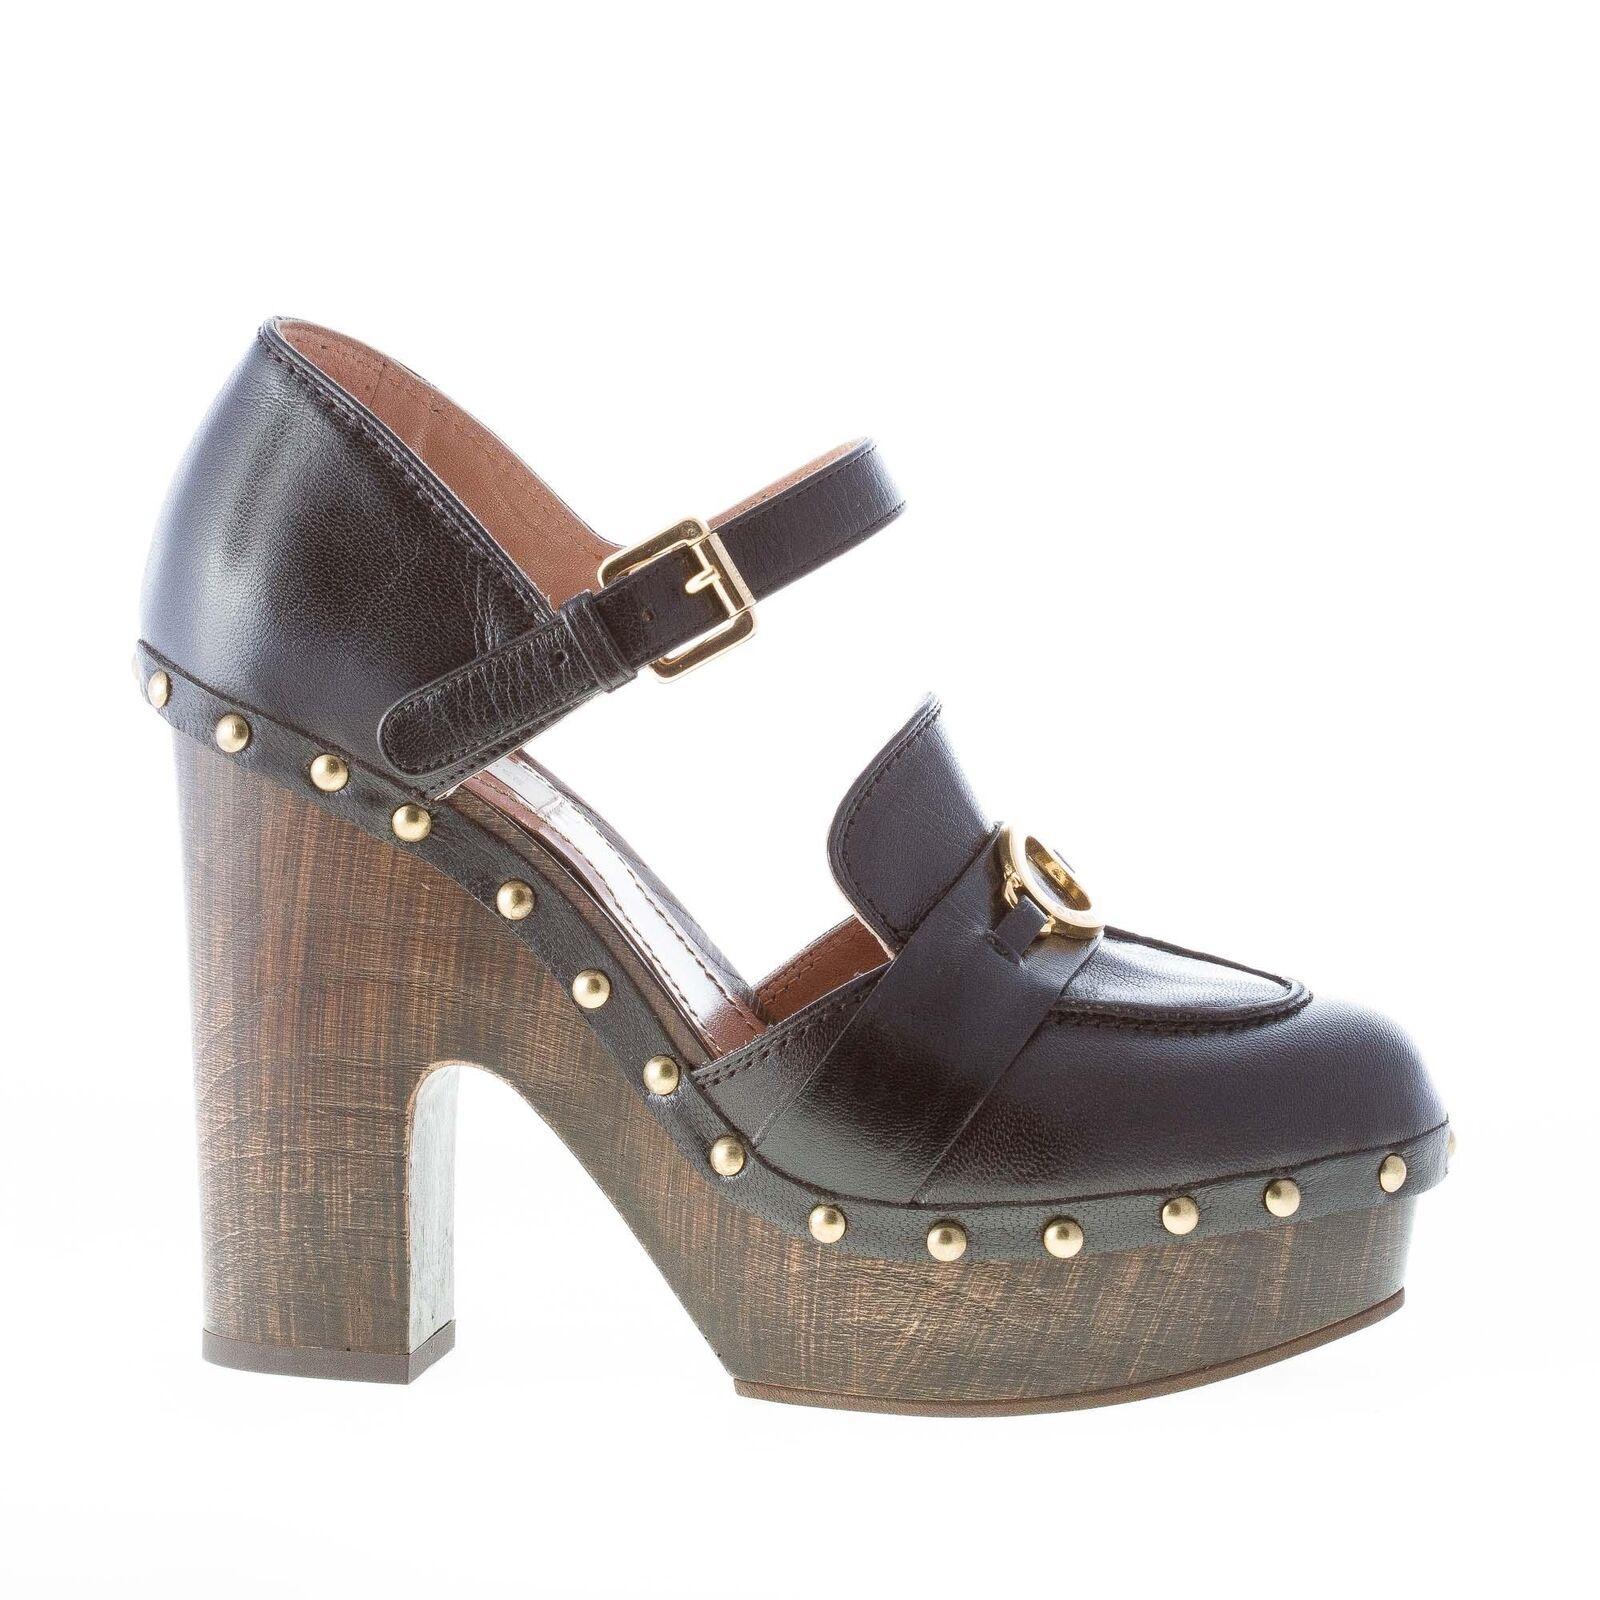 L'AUTRE in CHOSE scarpe donna women shoes zoccolo in L'AUTRE pelle nero con cinturino bbd814